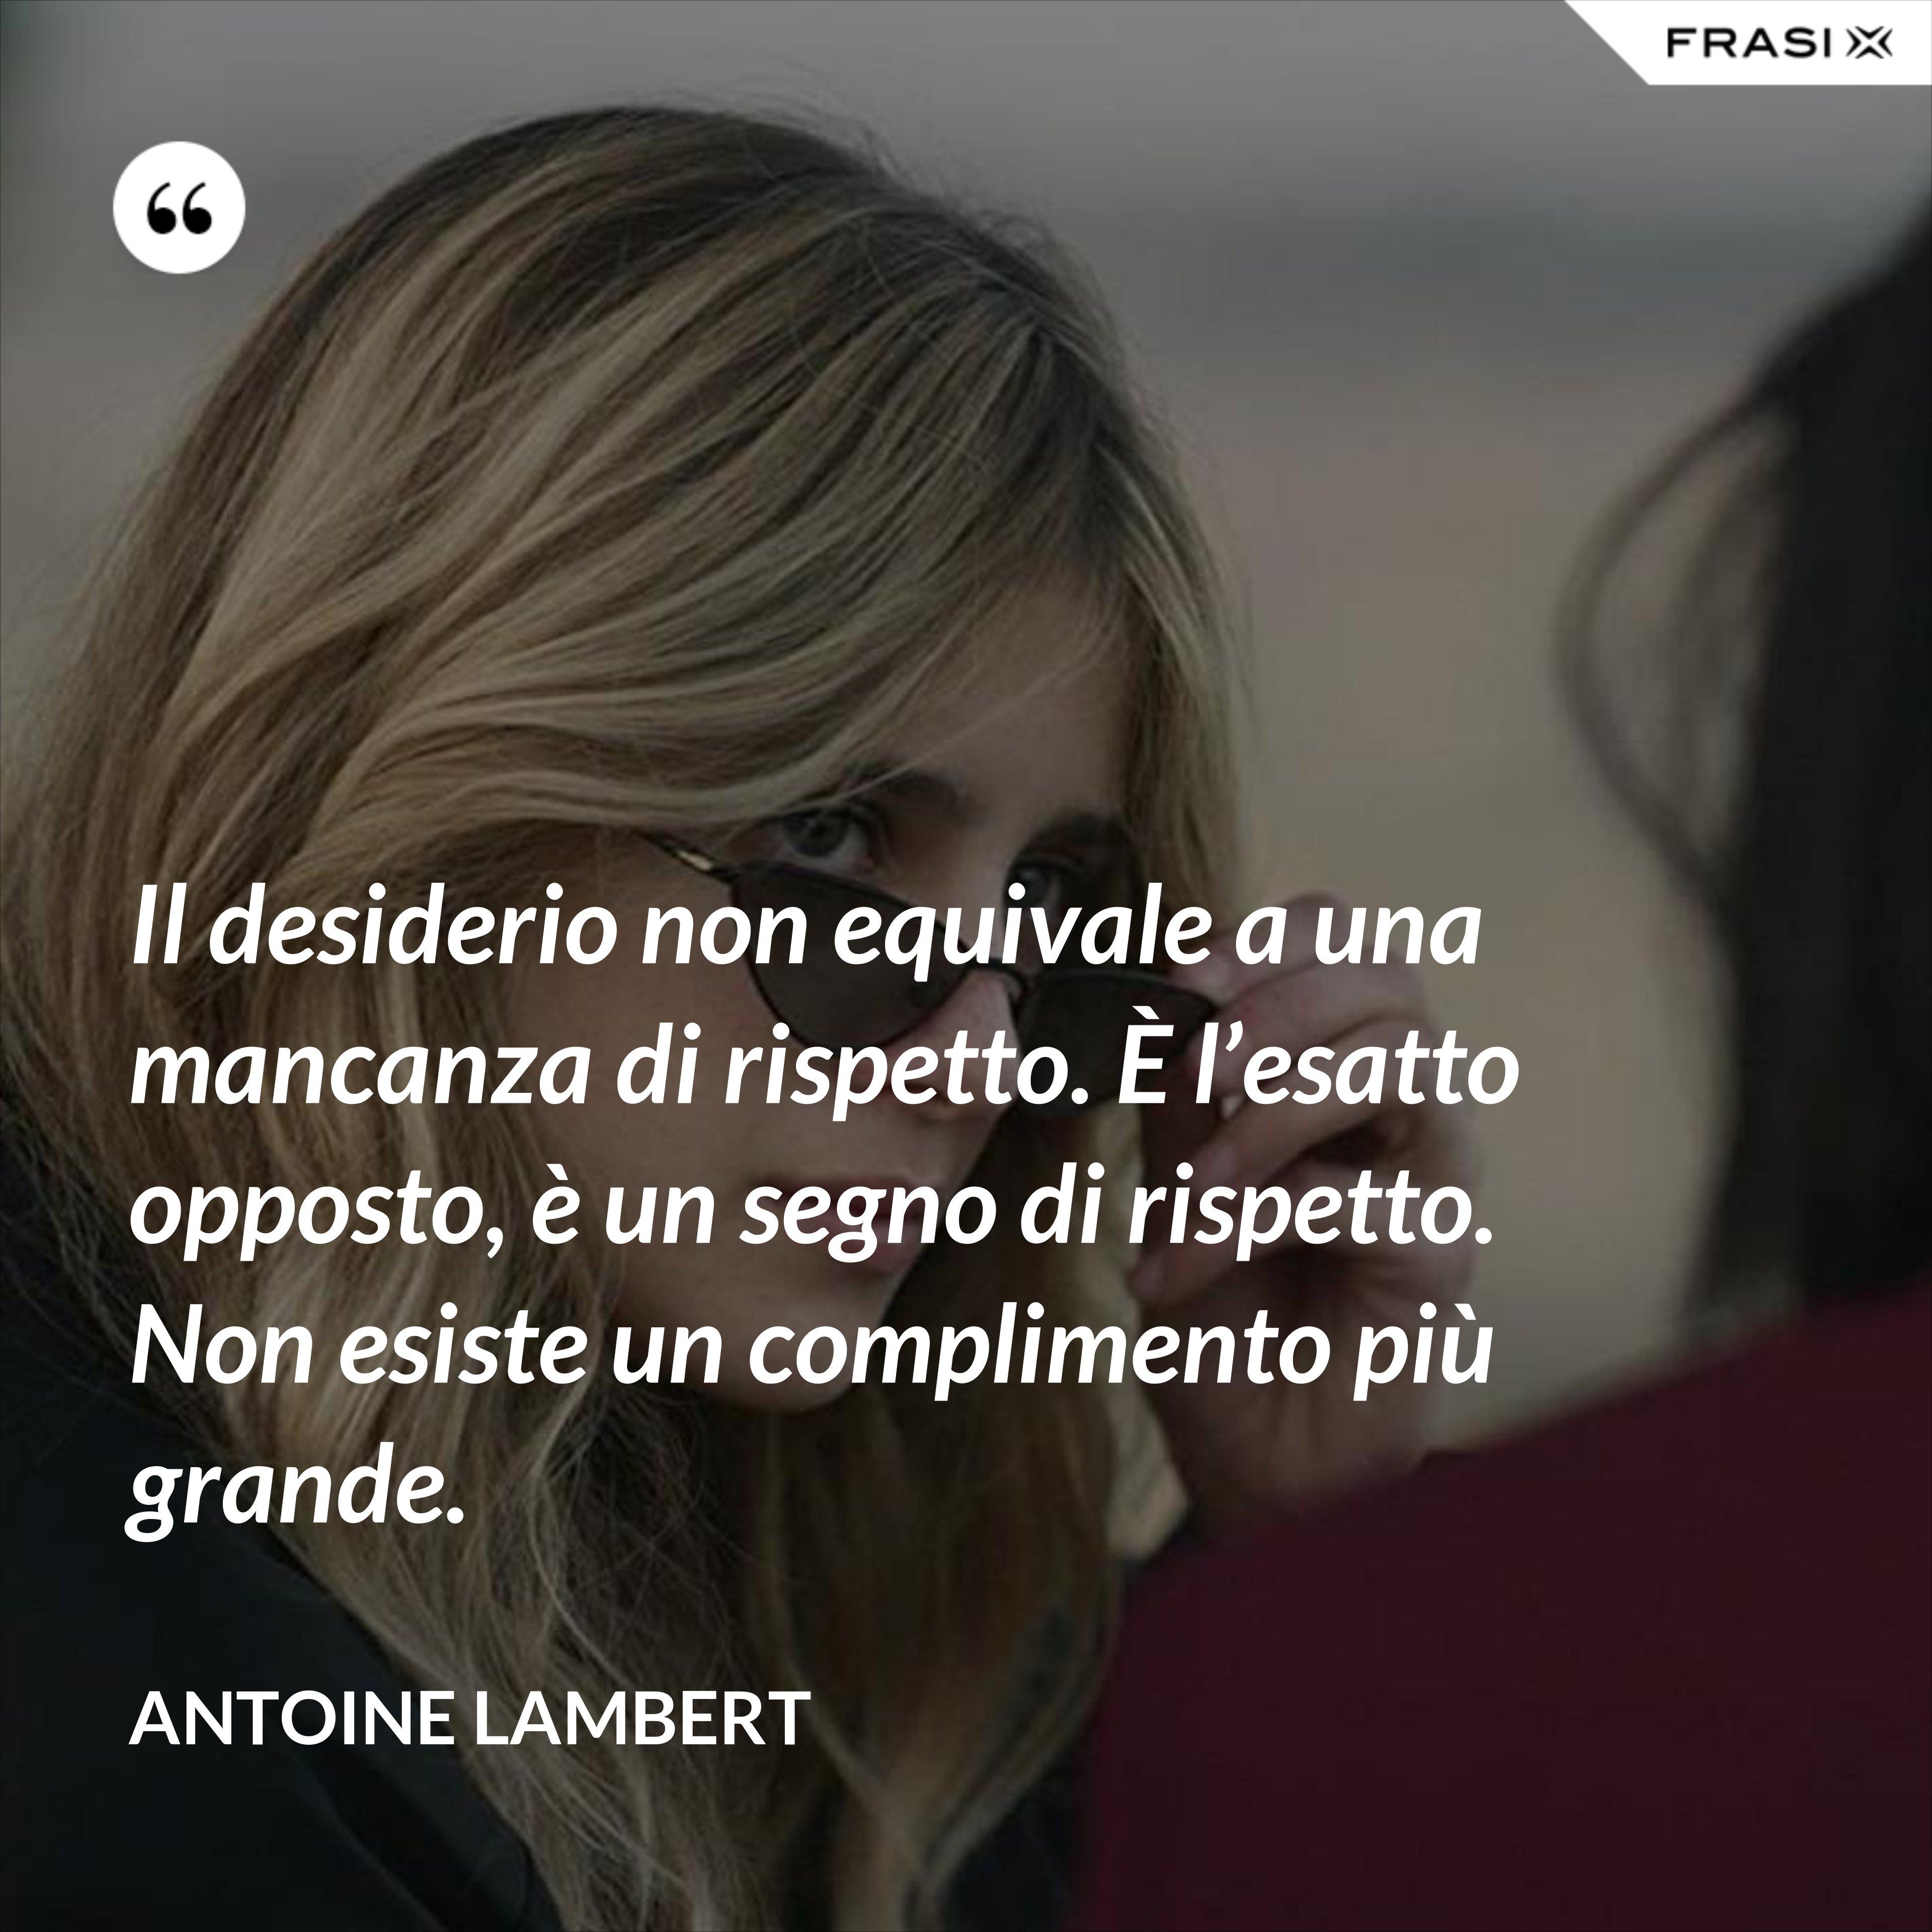 Il desiderio non equivale a una mancanza di rispetto. È l'esatto opposto, è un segno di rispetto. Non esiste un complimento più grande. - Antoine Lambert